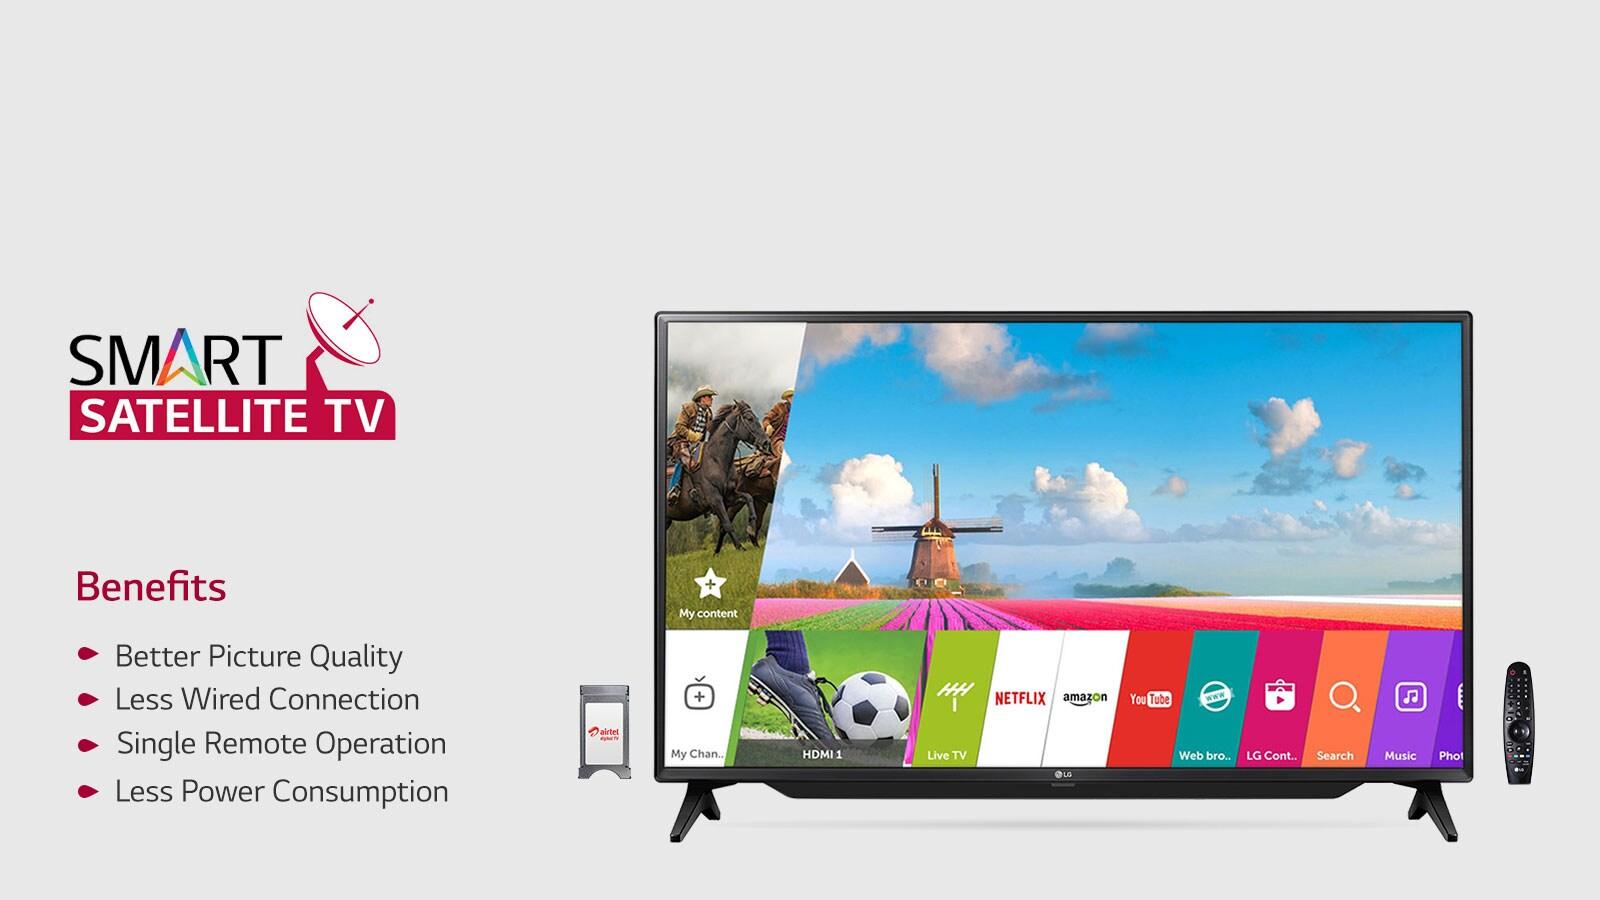 lg 32lj618u smart led tv with magic mobile web os lg in rh lg com LG TV ManualsOnline LG HDTV User Manual